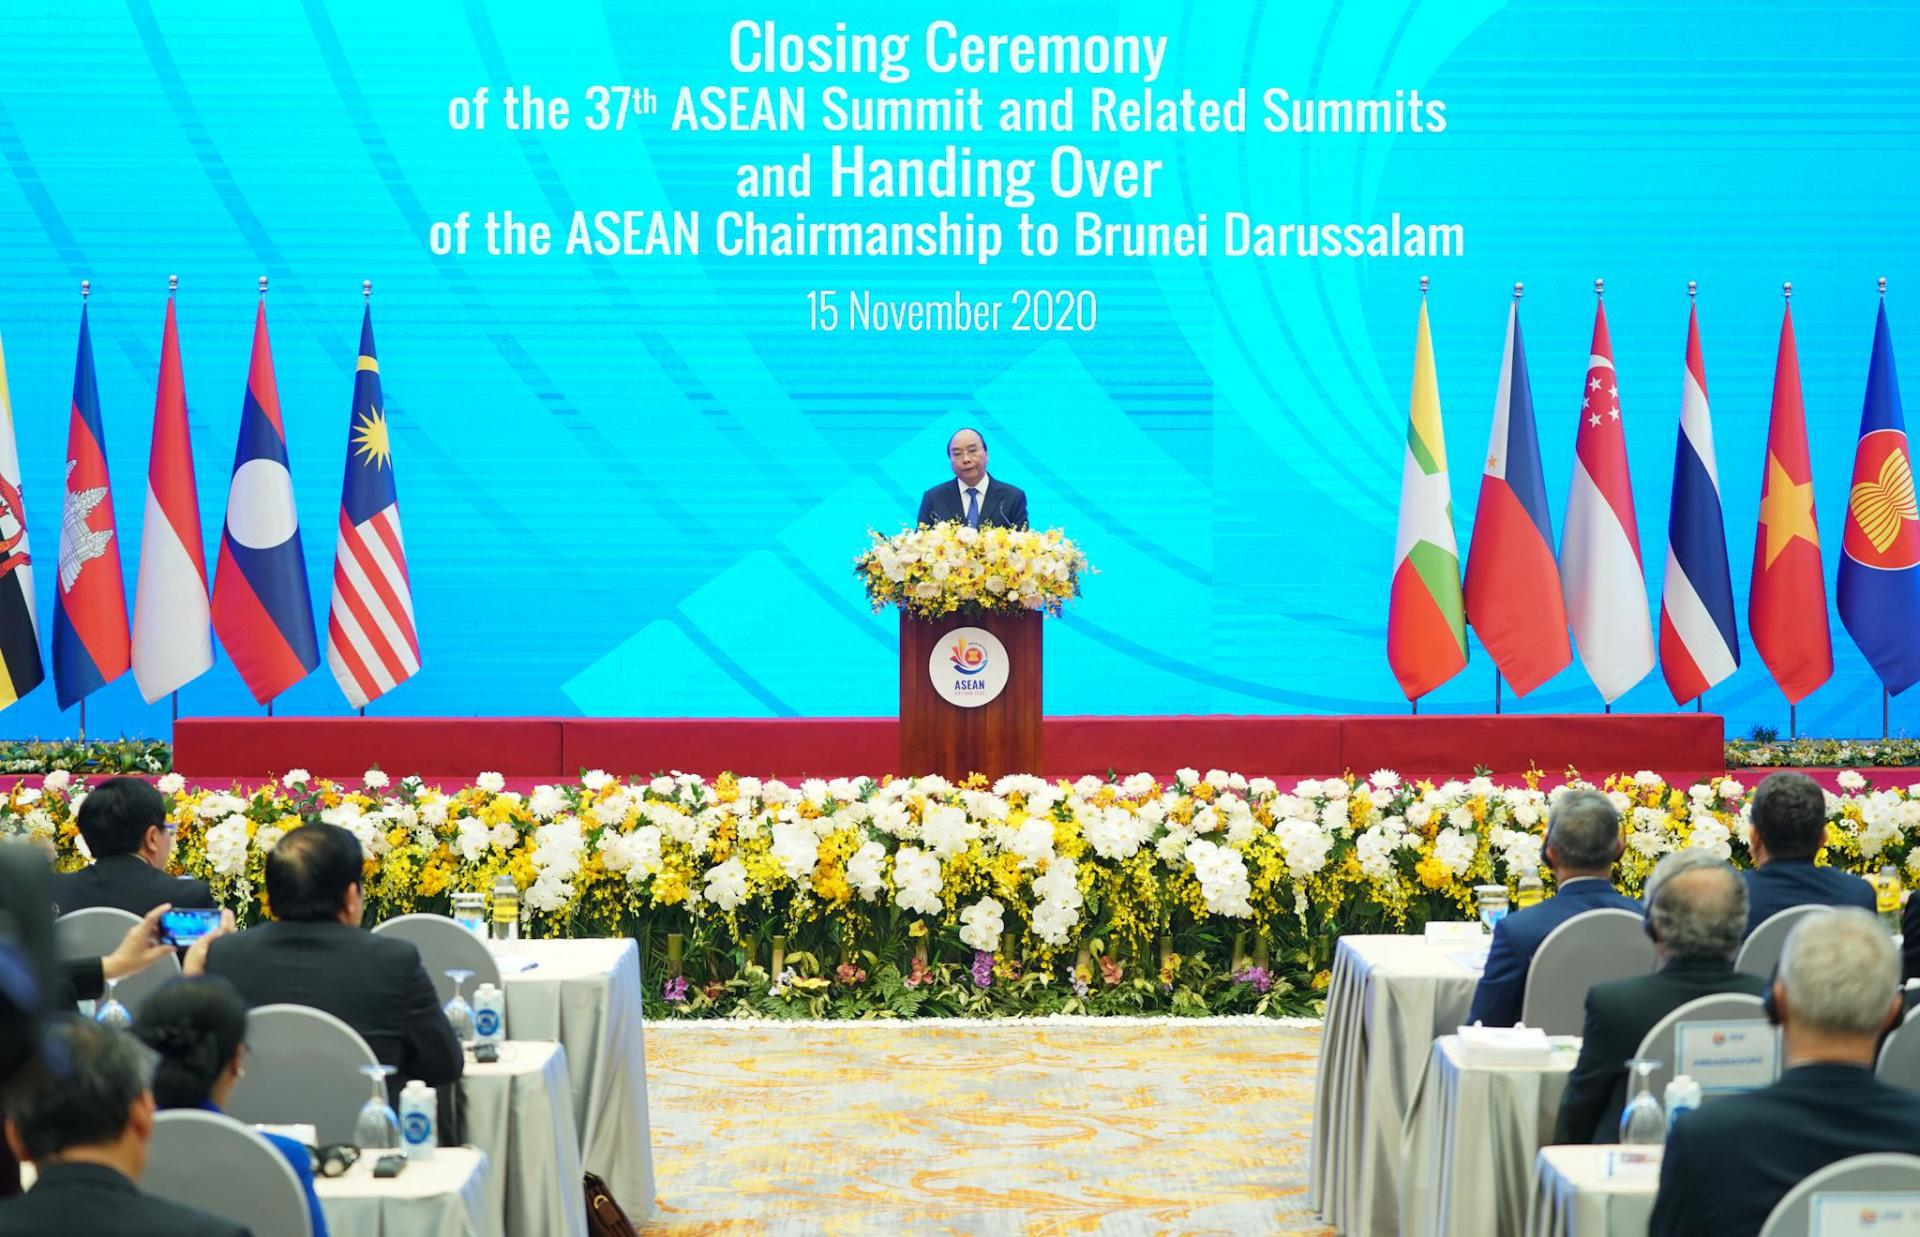 Thủ tướng Nguyễn Xuân Phúc-Chủ tịch ASEAN 2020-phát biểu tại lễ bế mạc Hội nghị Cấp cao ASEAN 37 và các hội nghị liên quan.